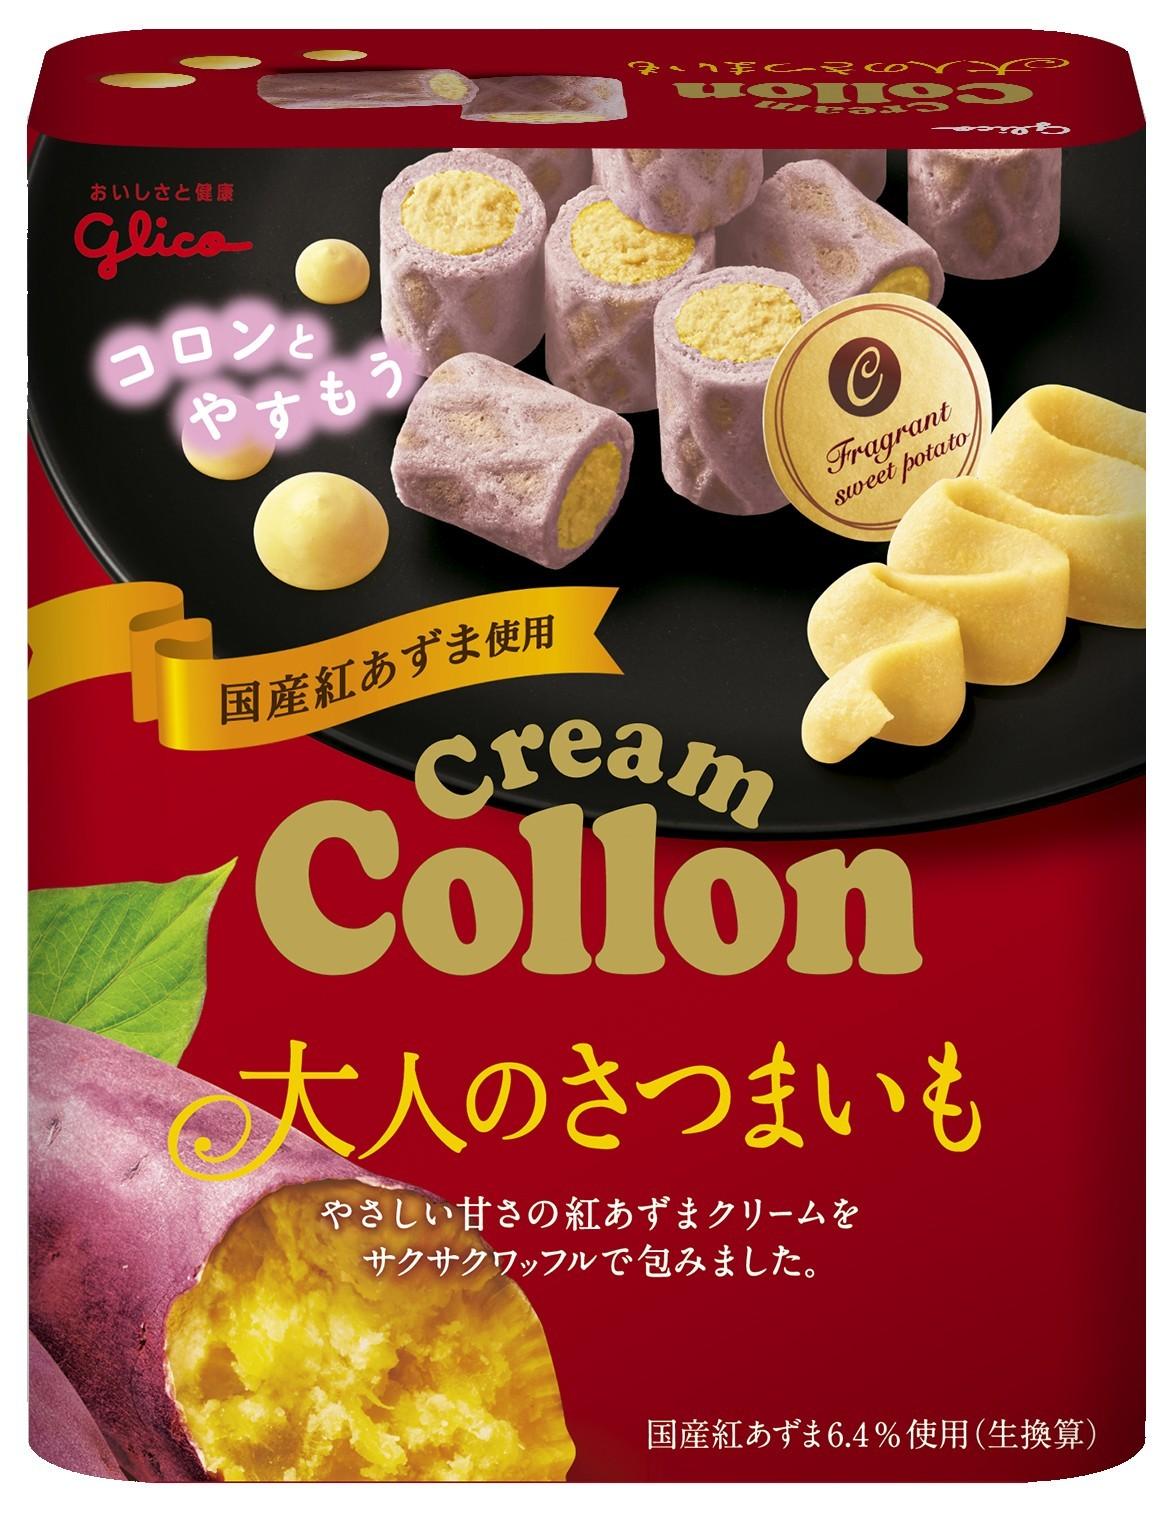 格力高香醇捲心餅 紅薯風味 捲心酥 日本進口